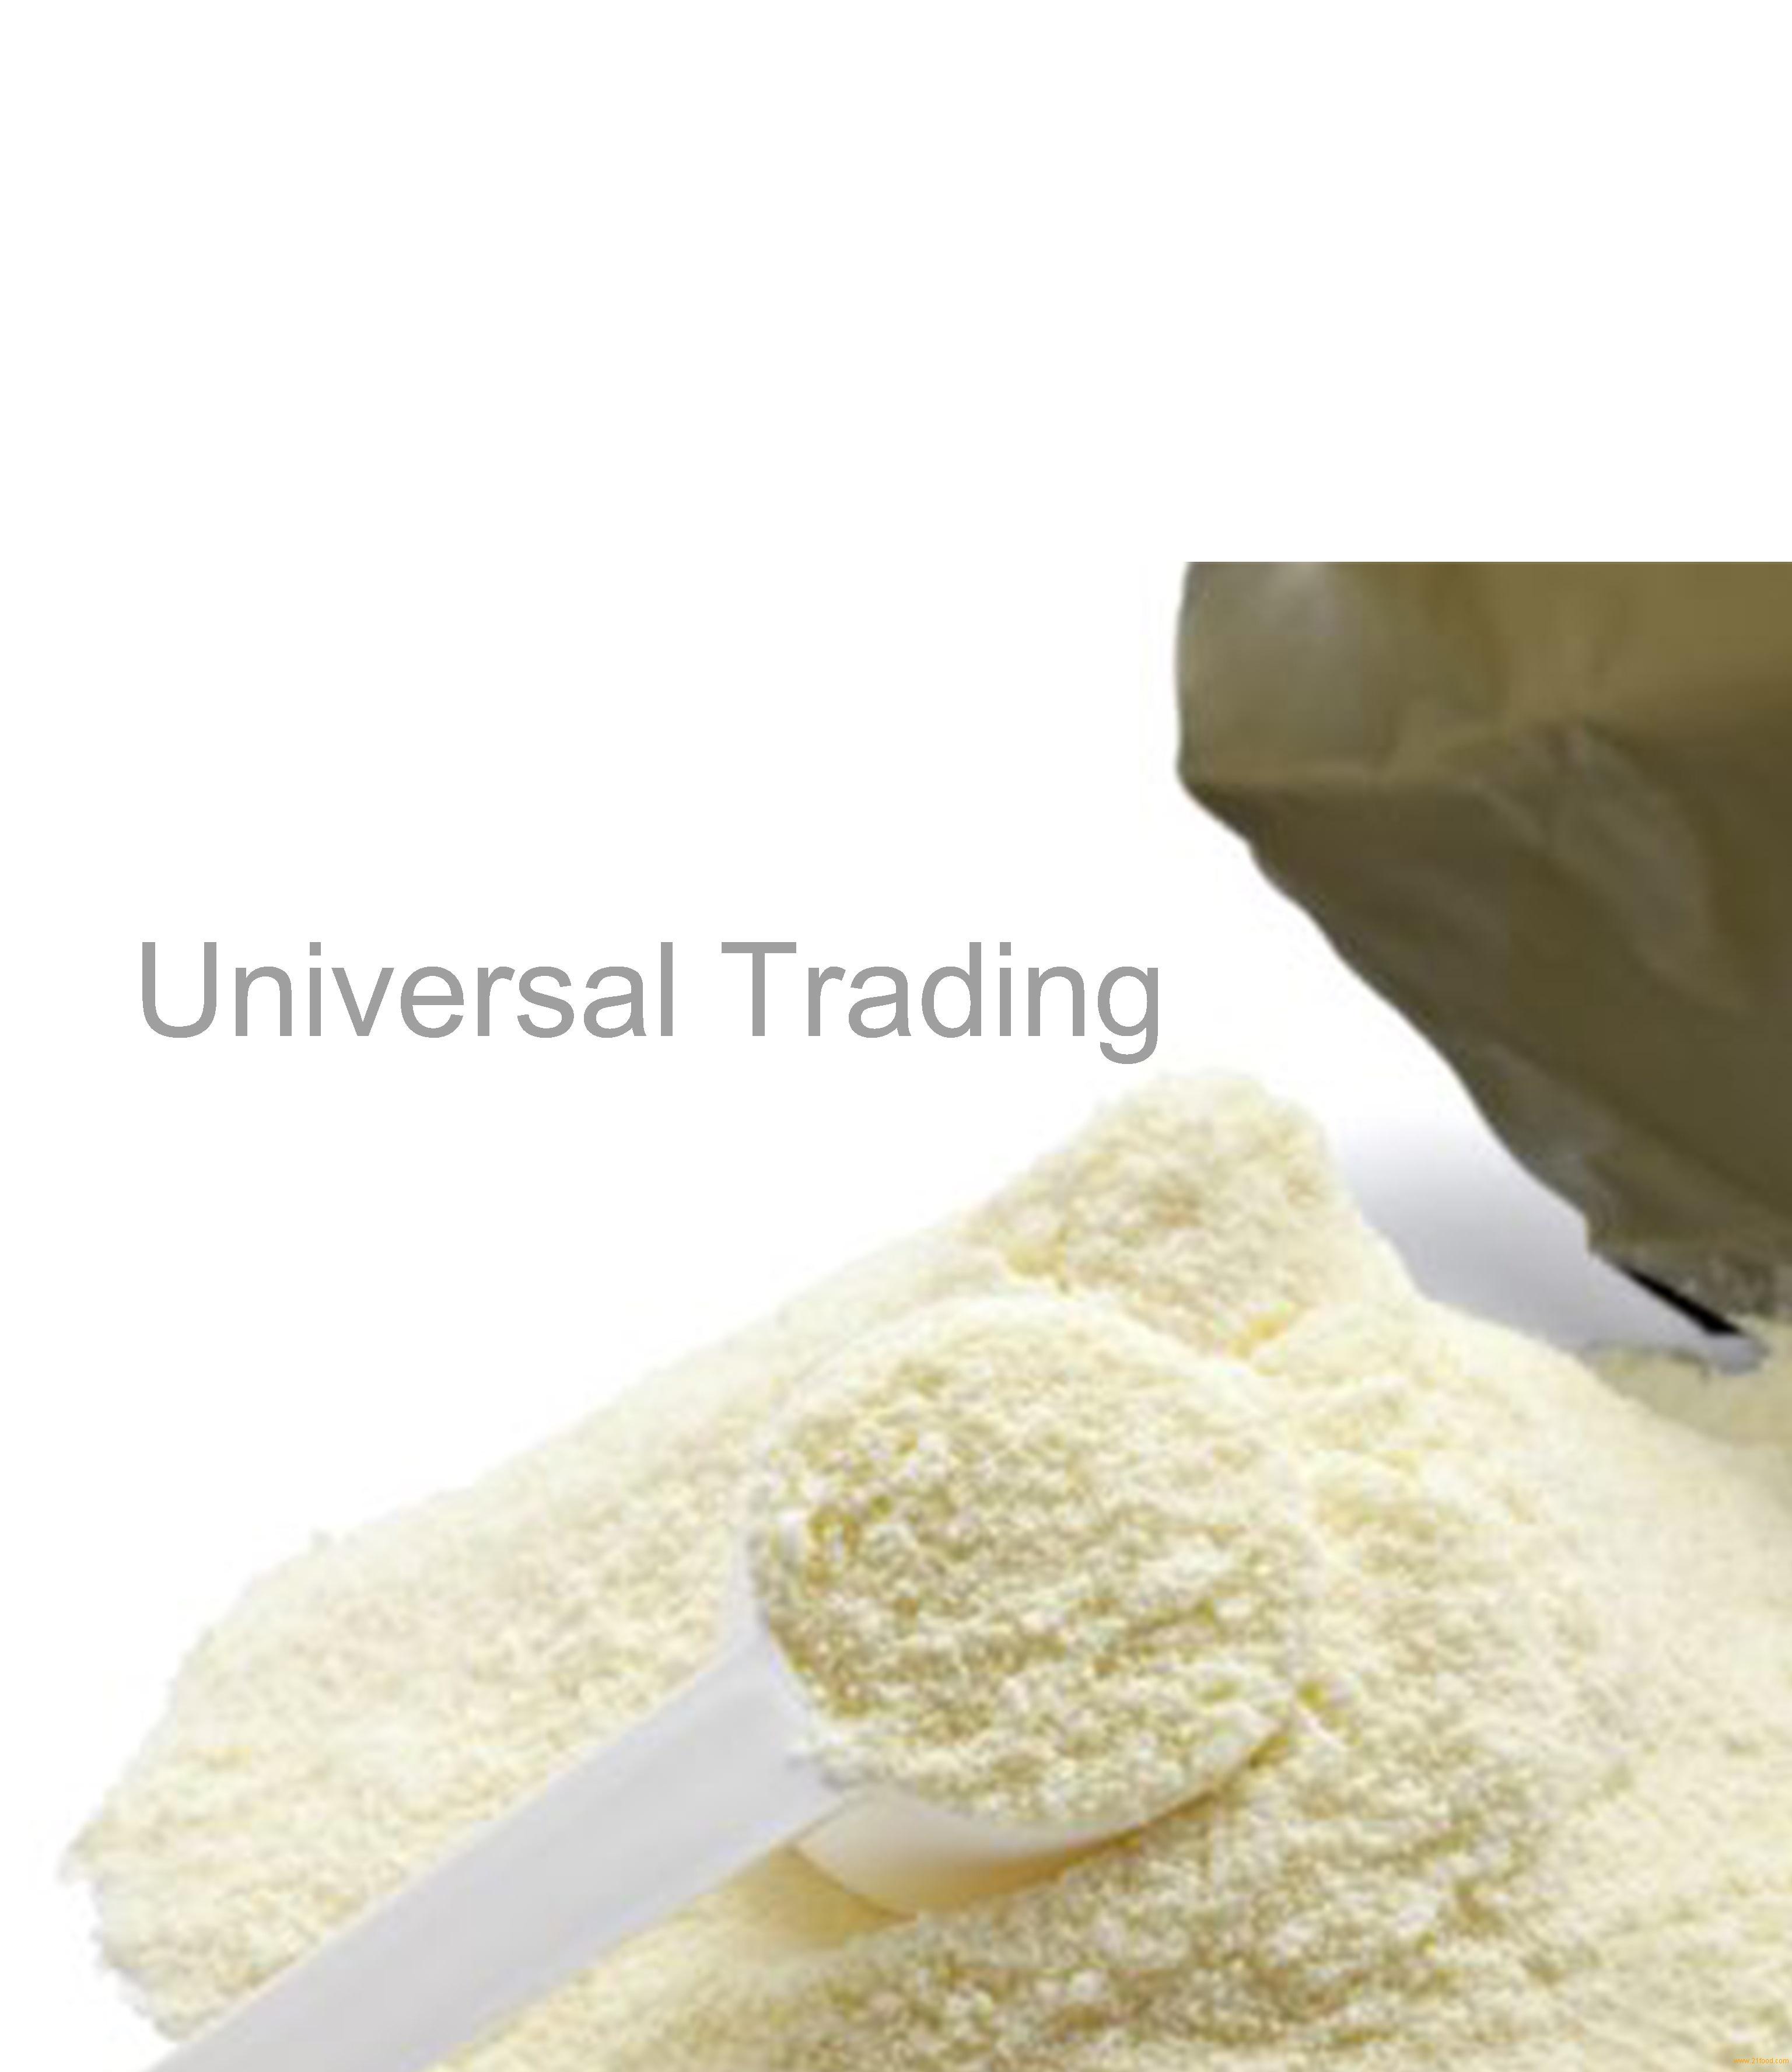 Babymilk powder for sale